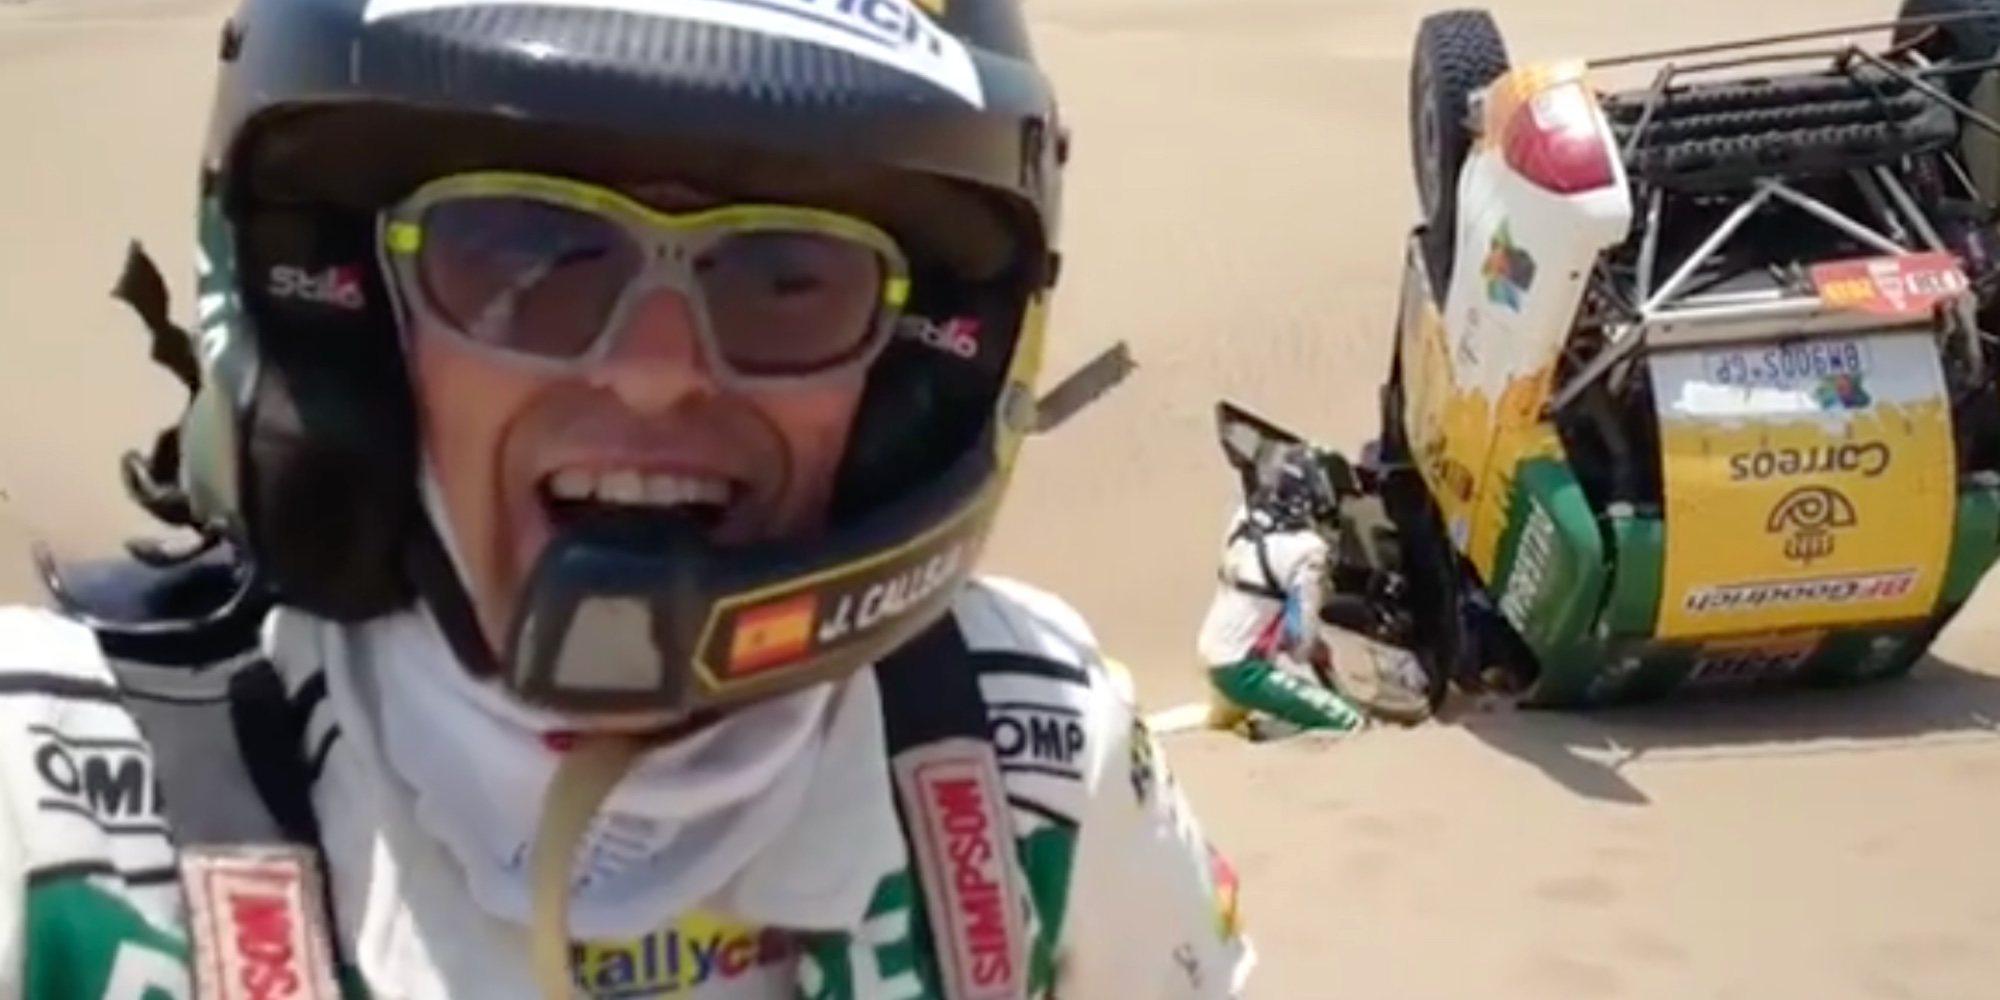 Jesús Calleja abandona el rally Dakar por tercera vez tras un desafortunado accidente